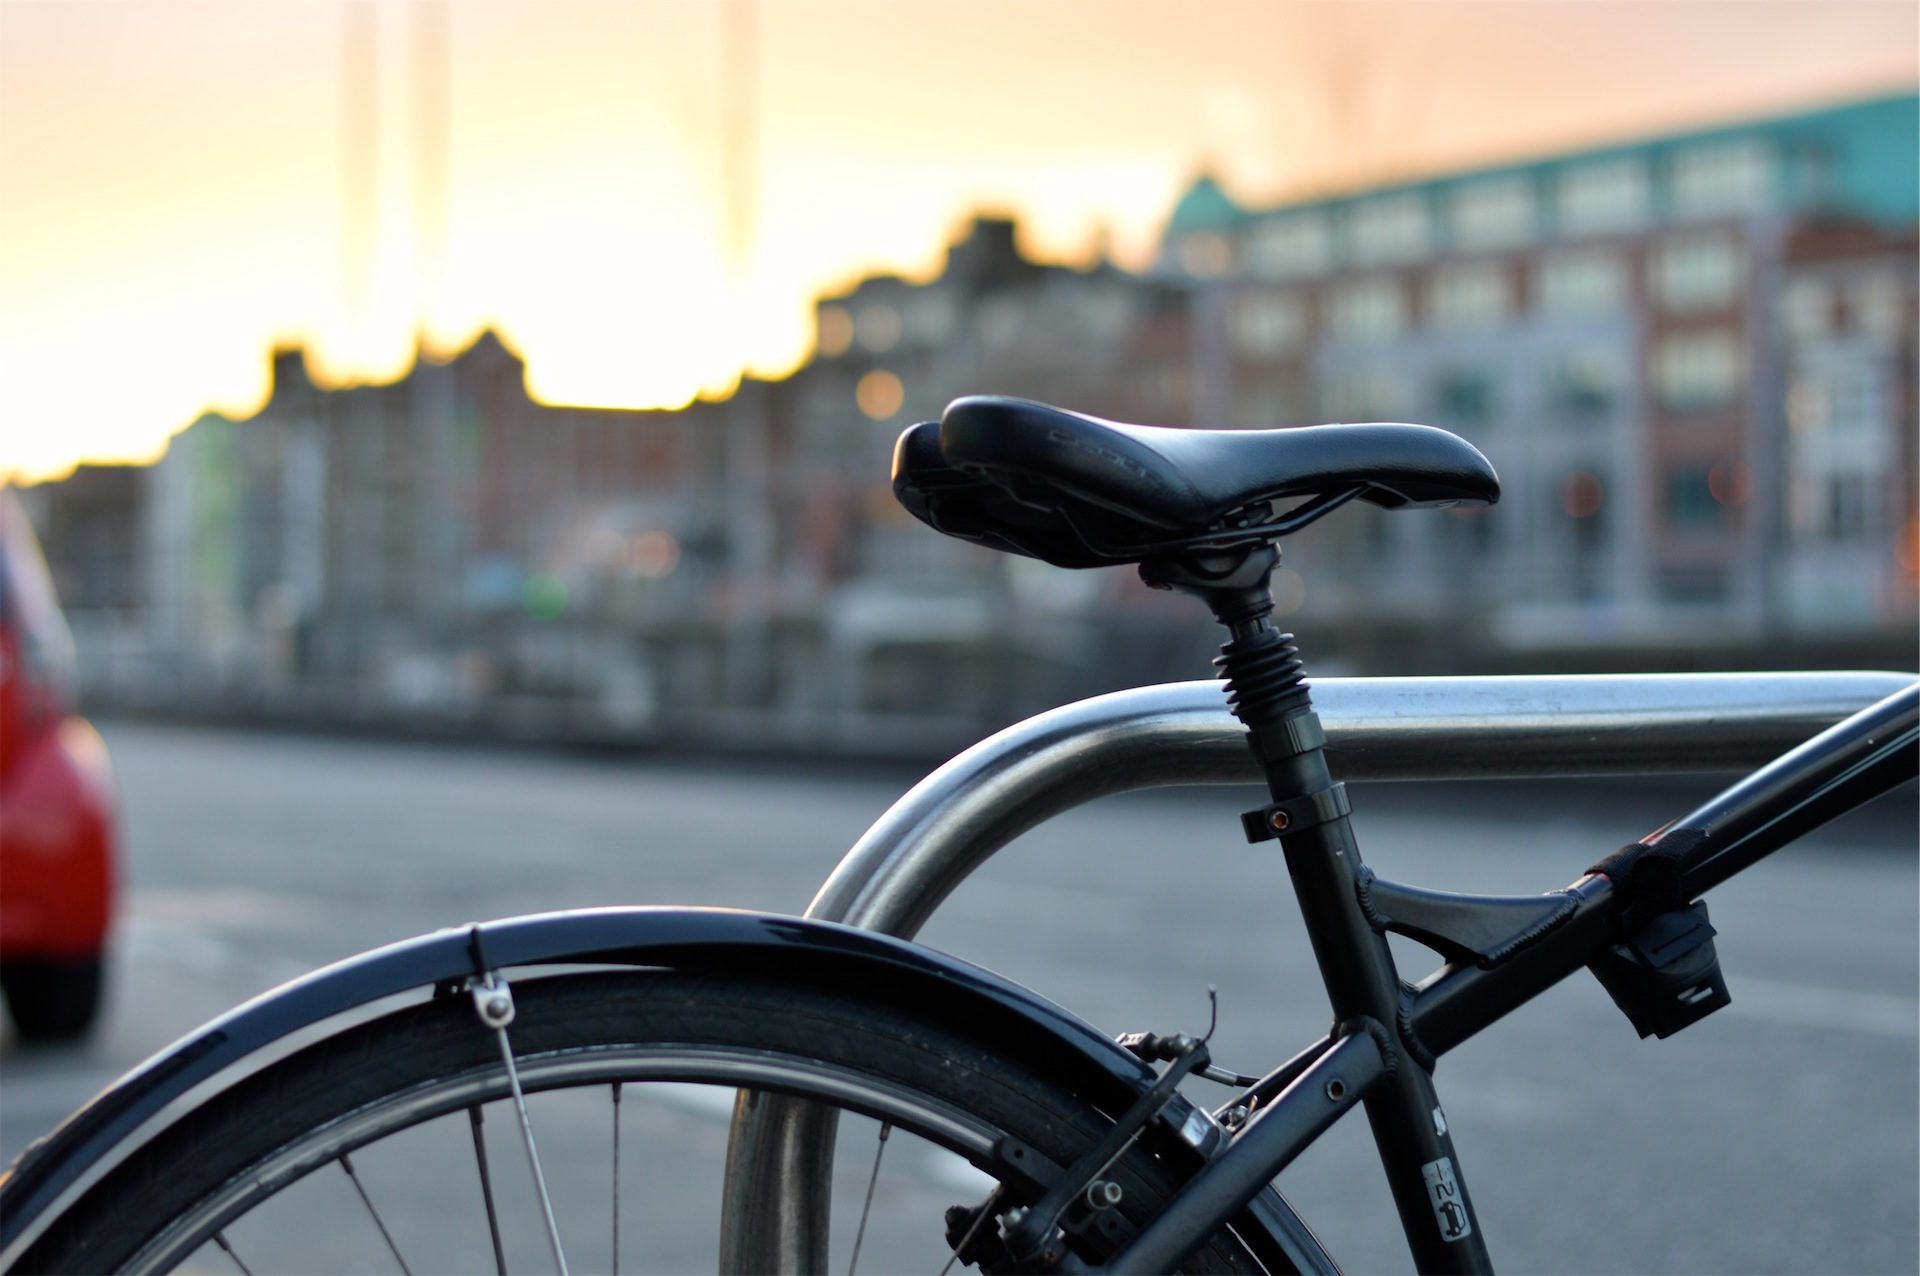 自転車, 座席, サドル, ホイール, 市 - HD の壁紙 - 教授-falken.com